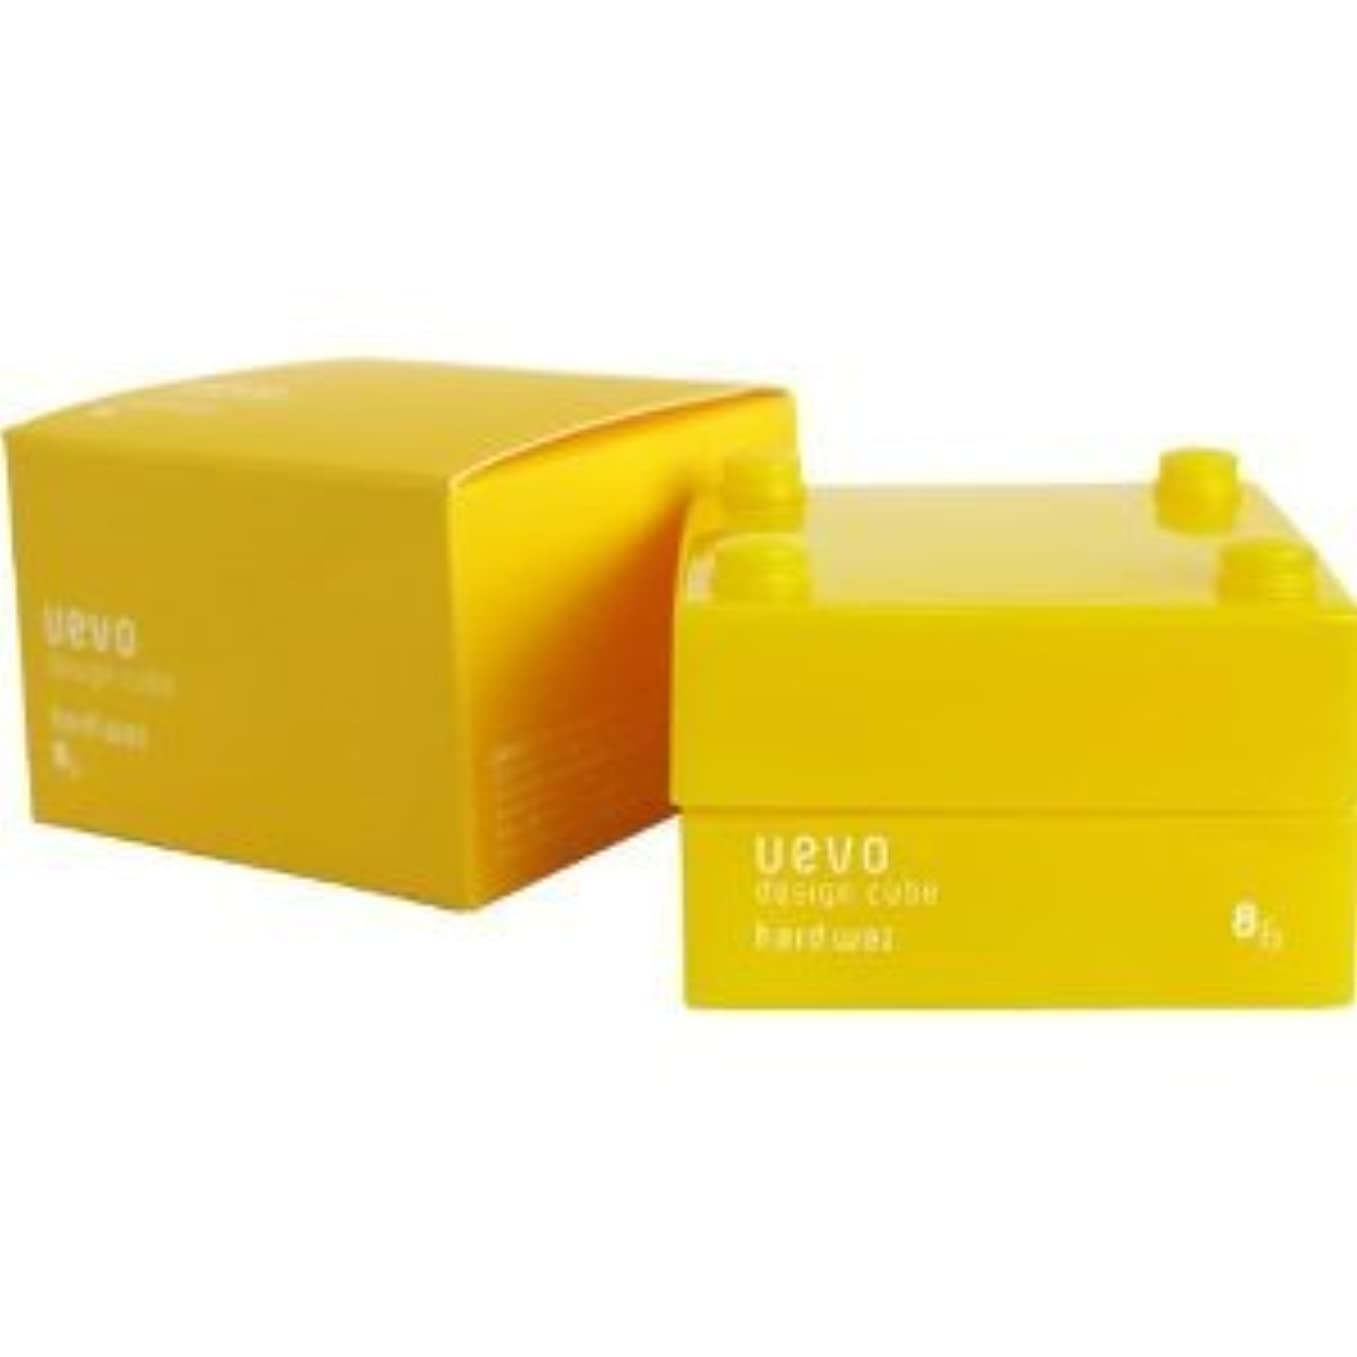 【X2個セット】 デミ ウェーボ デザインキューブ ハードワックス 30g hard wax DEMI uevo design cube